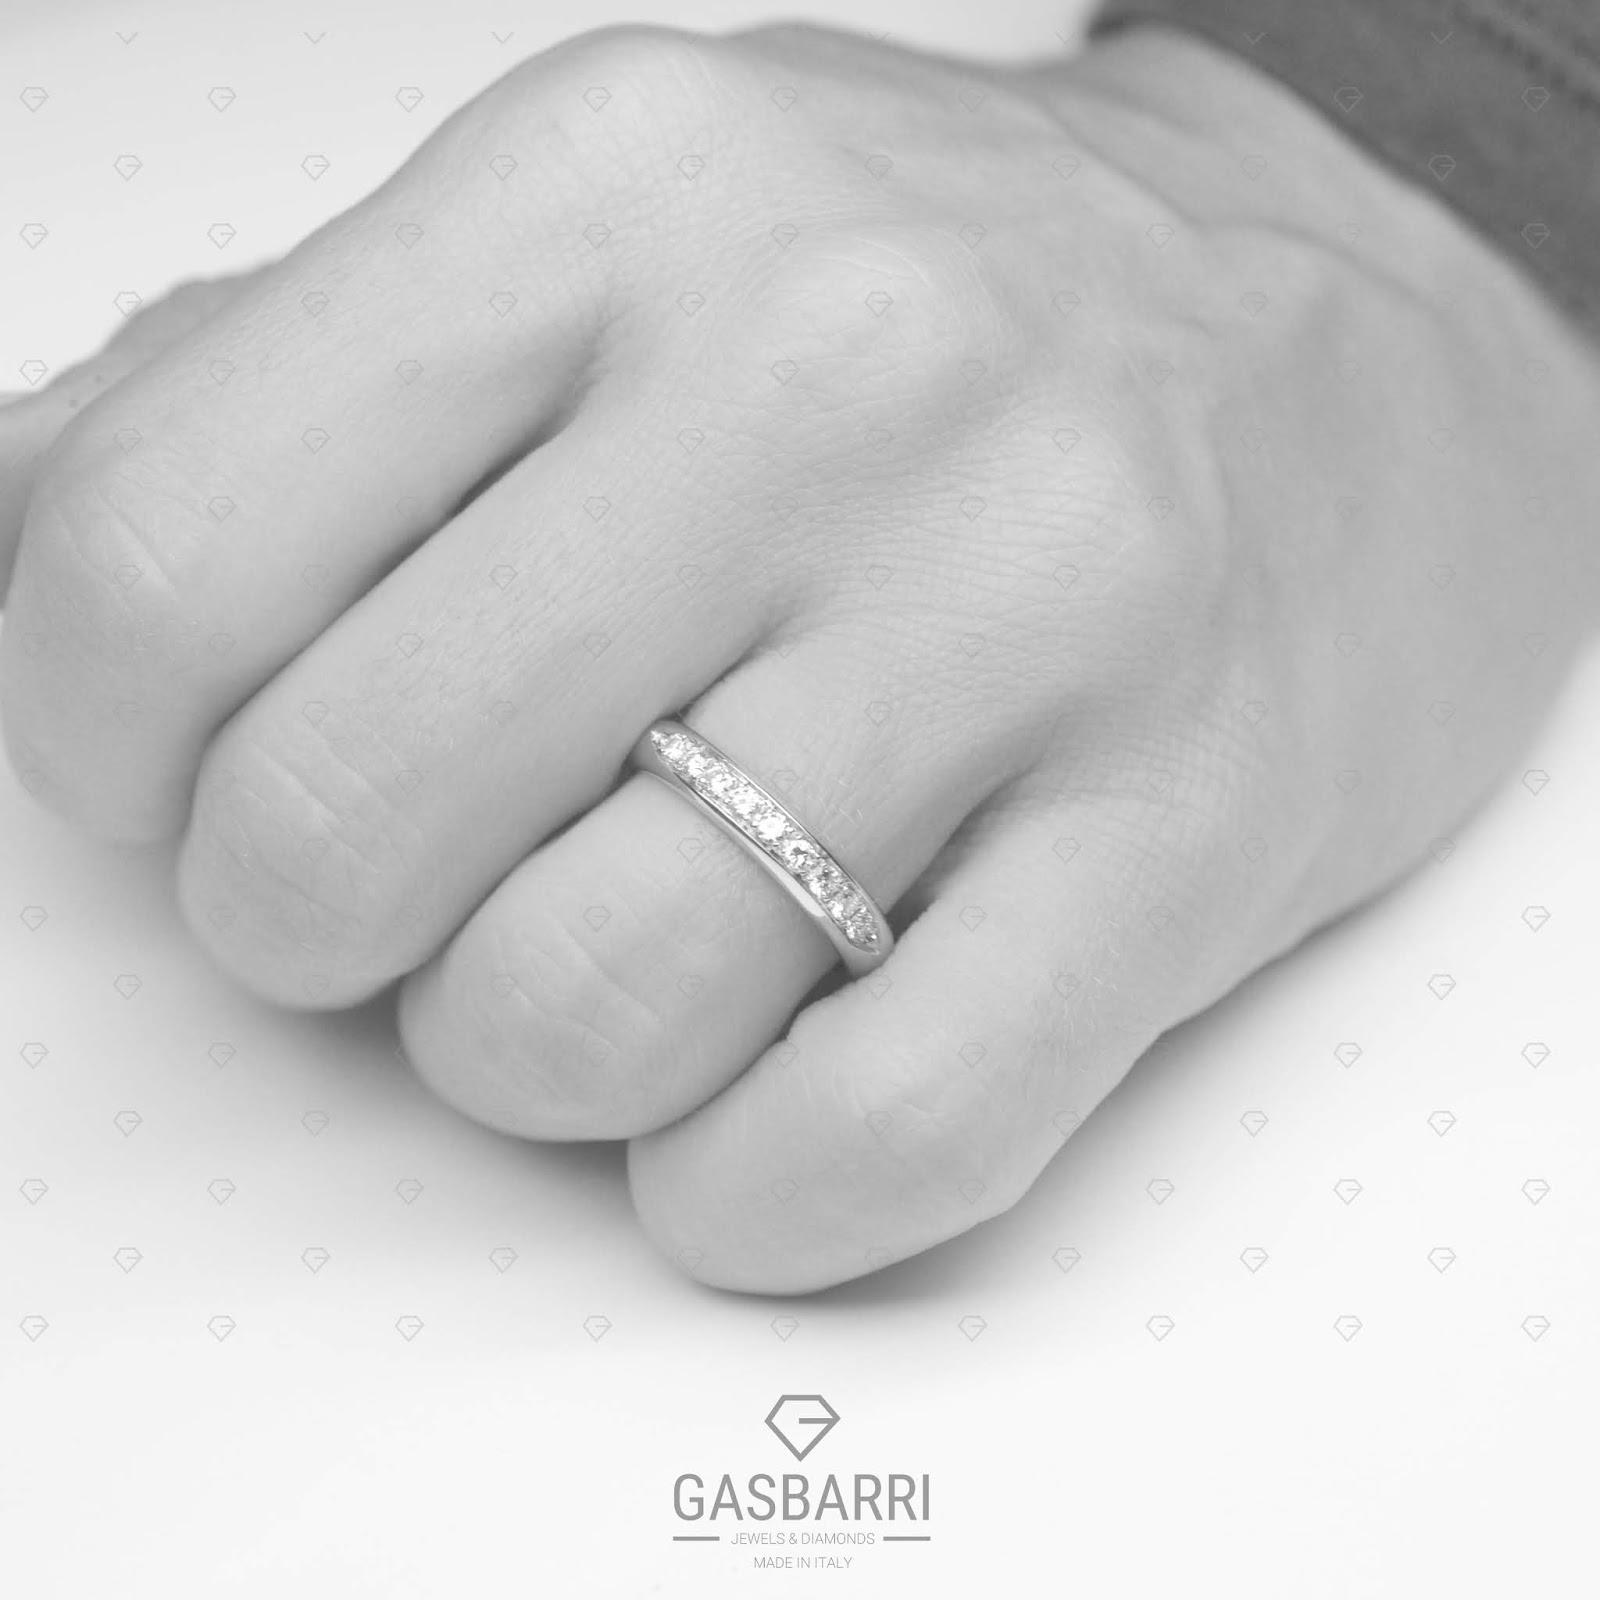 351cef5395 Come detto in precedenza l'Amore non si misura con la grandezza di un  diamante, ma con le pietre di 0.38-0.45 carati non si è mai